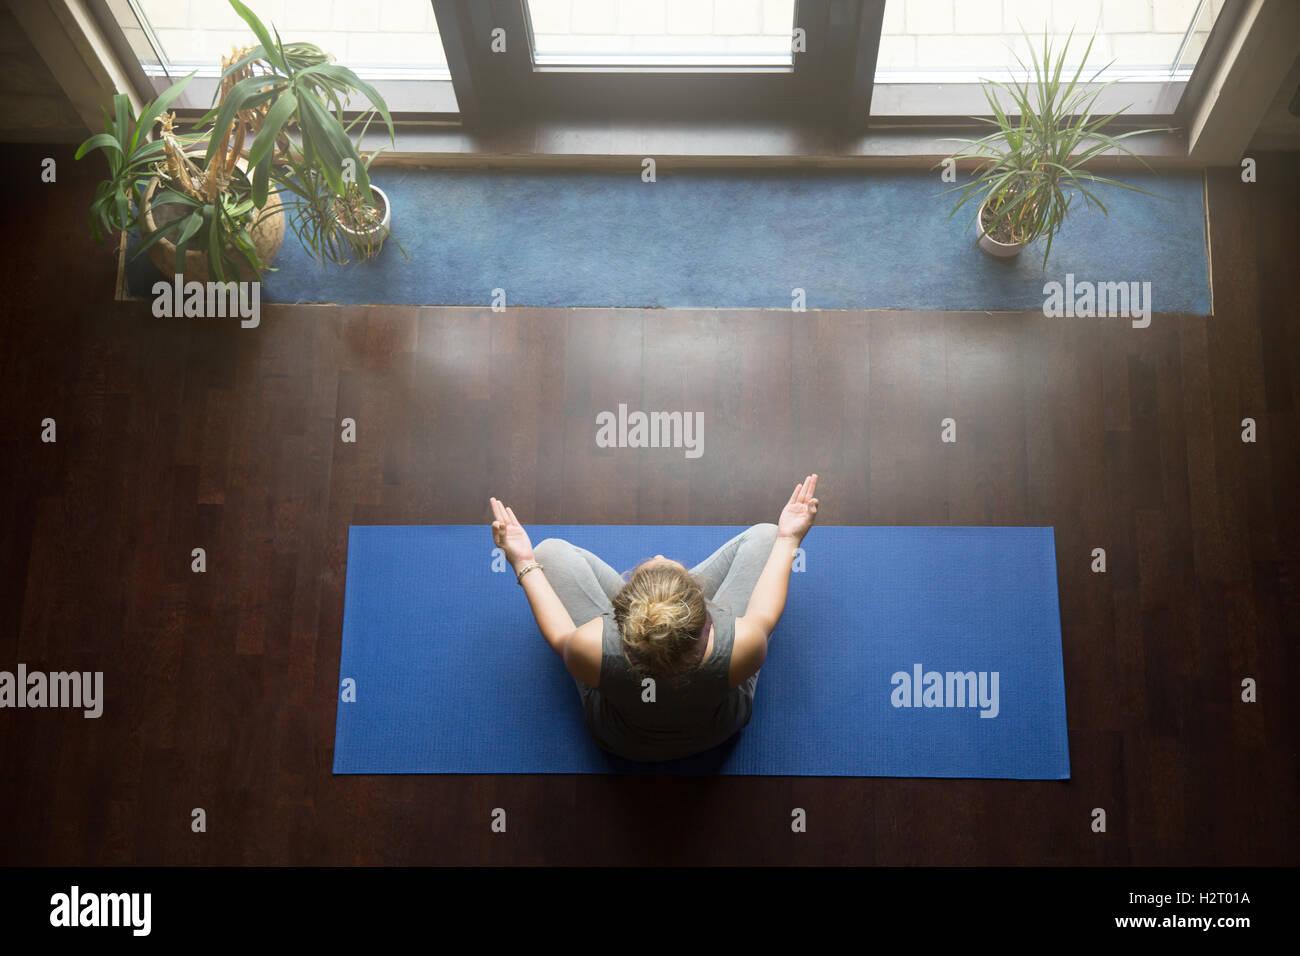 Yoga en casa: meditación concepto Imagen De Stock